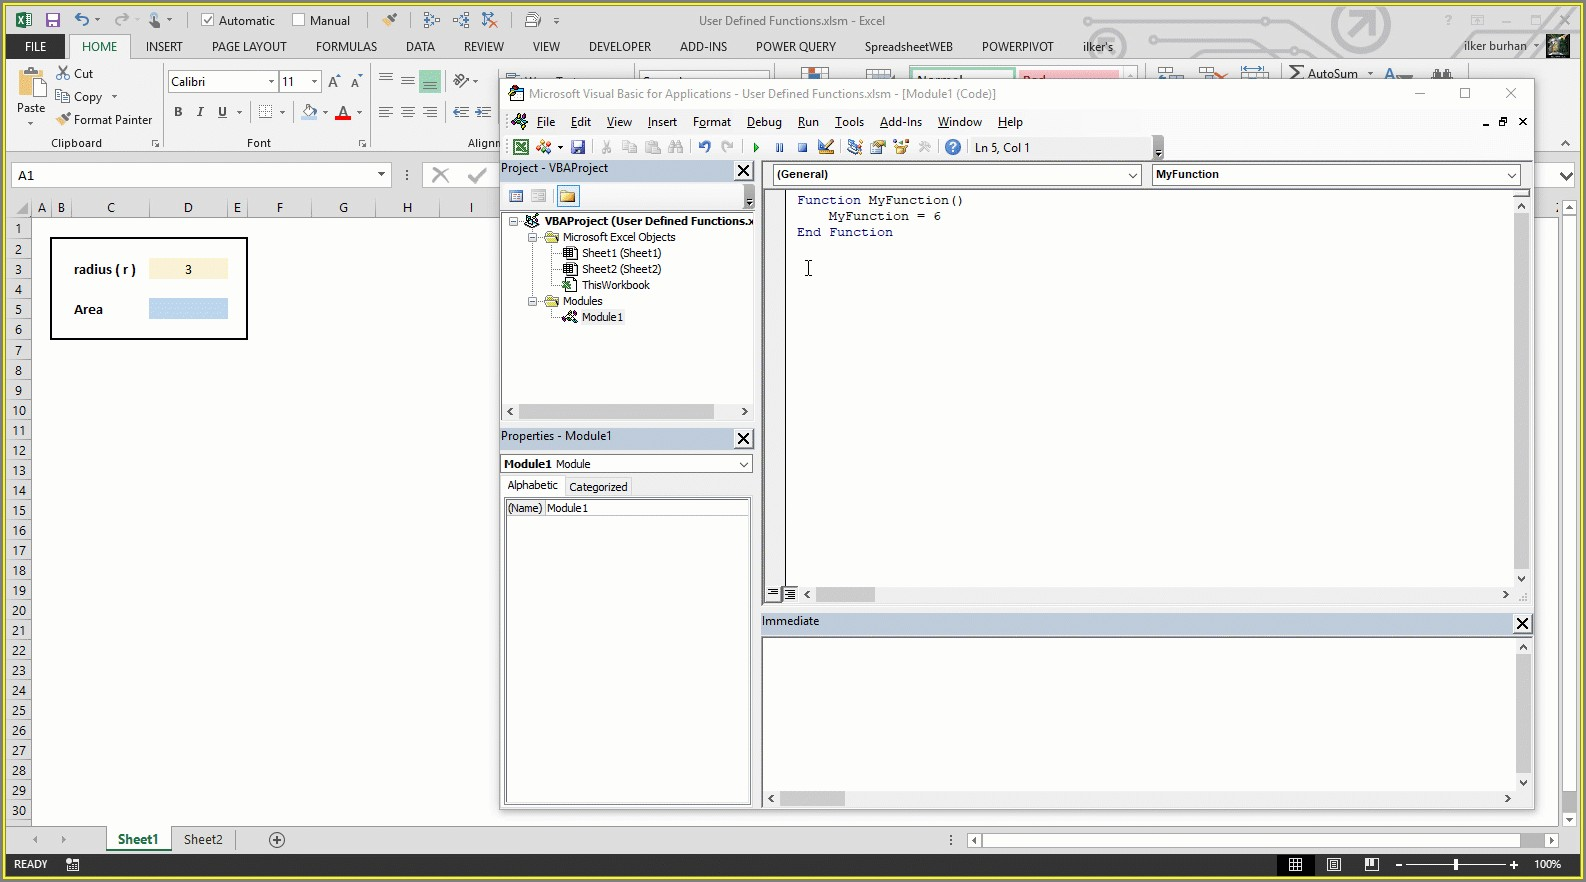 Vba For Worksheet Function